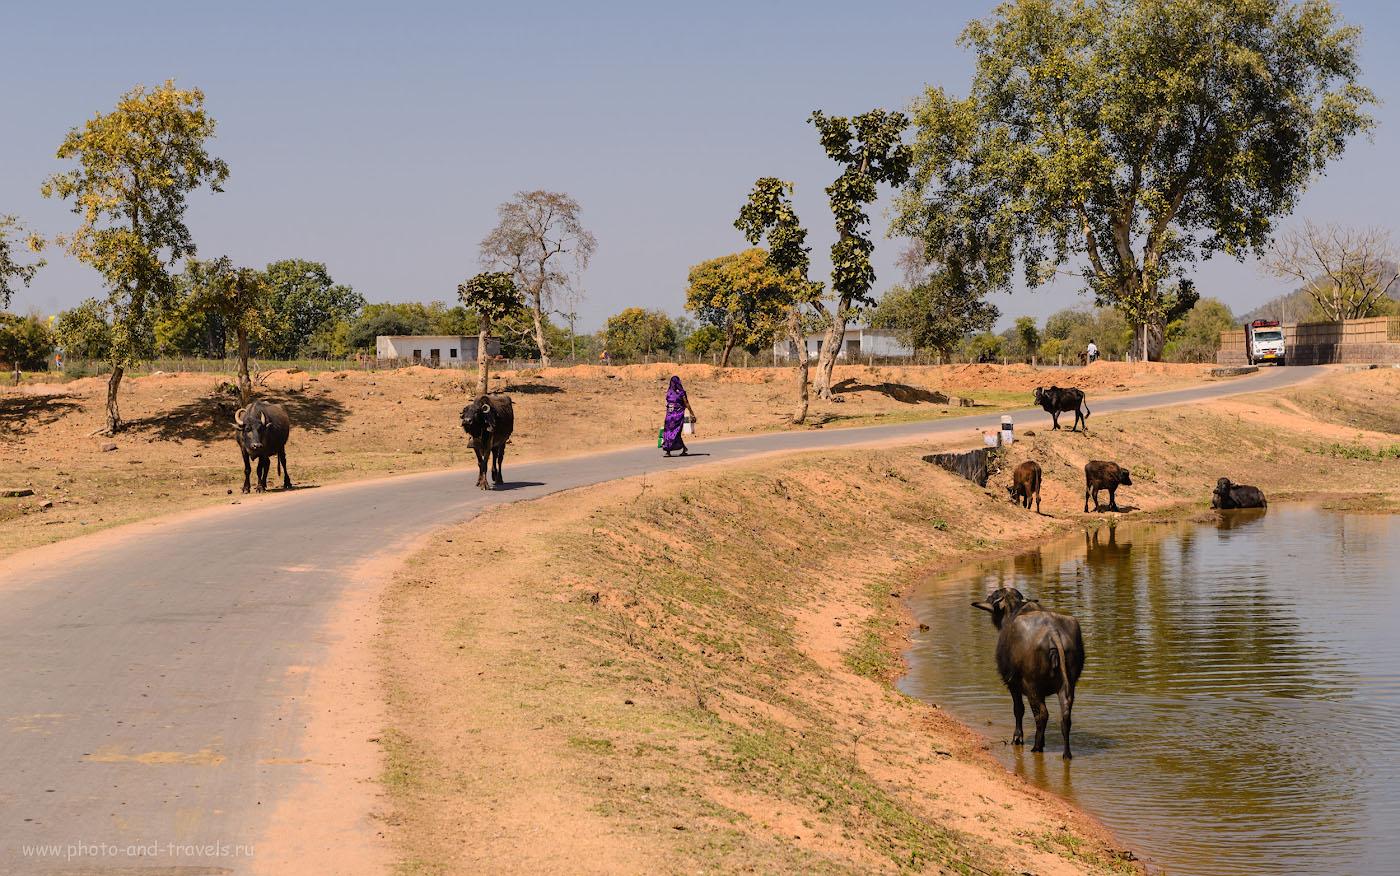 Фотография 17. В одной из деревень в окрестностях Кхаджурахо. Отчеты туристов об отдыхе в Индии в феврале. 1/320, -0.33, 9.0, 100, 66.